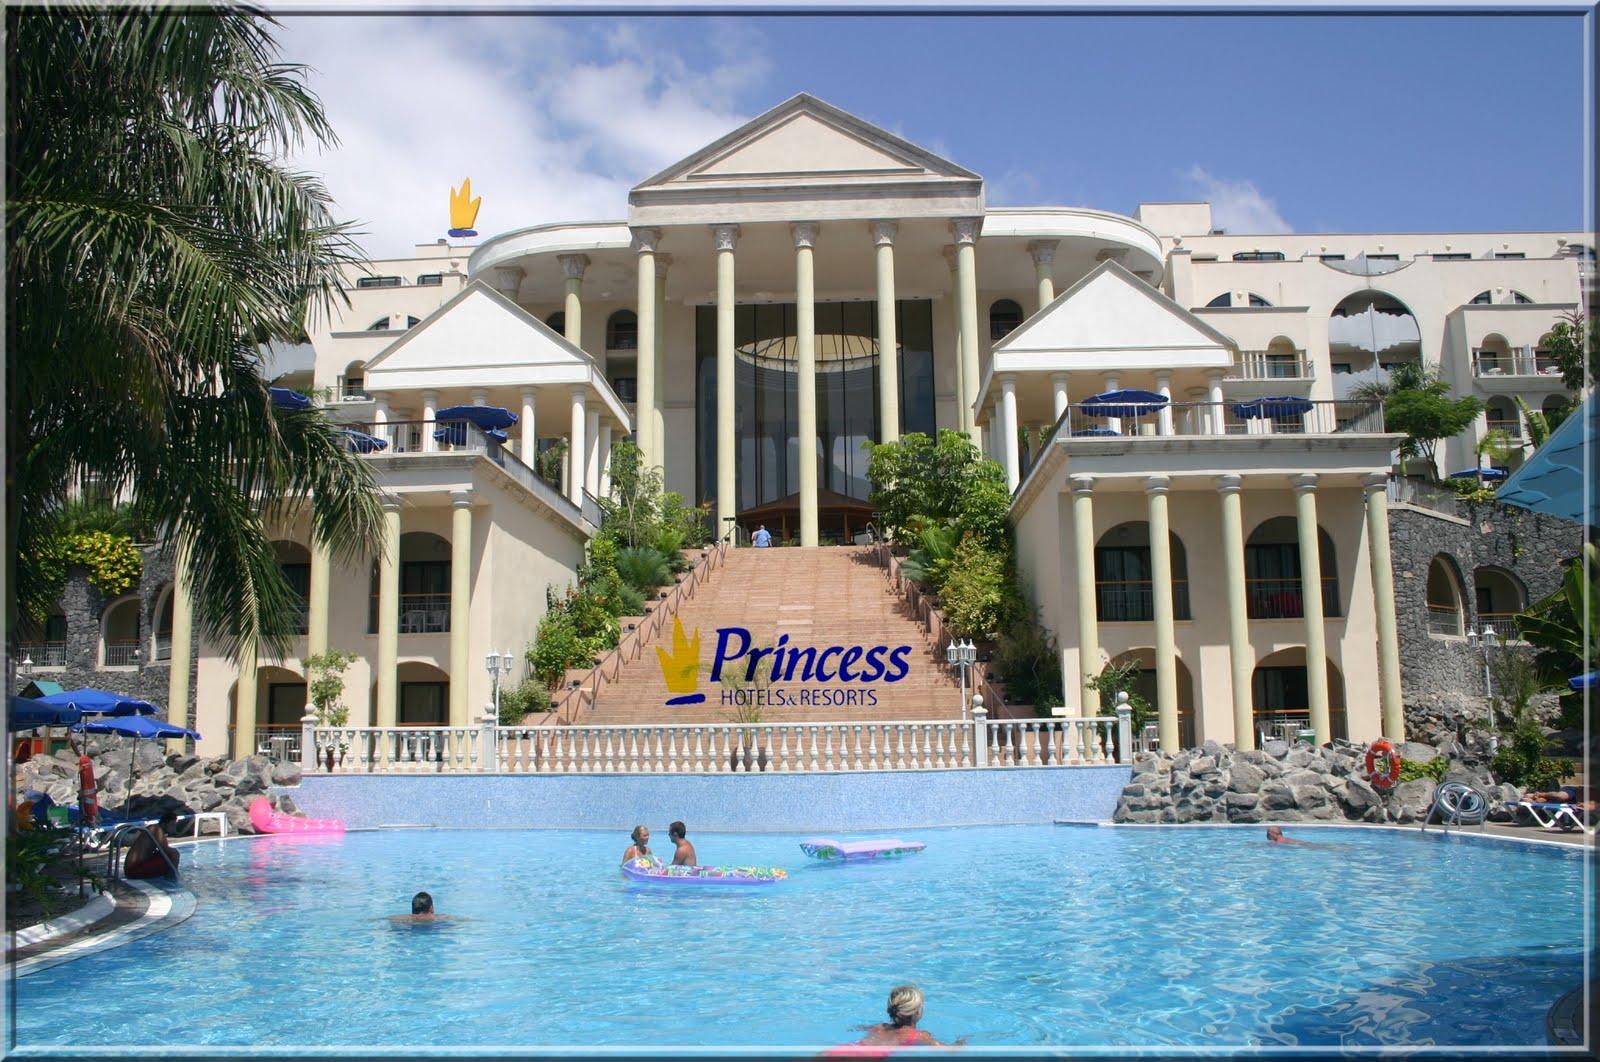 Princess hotels